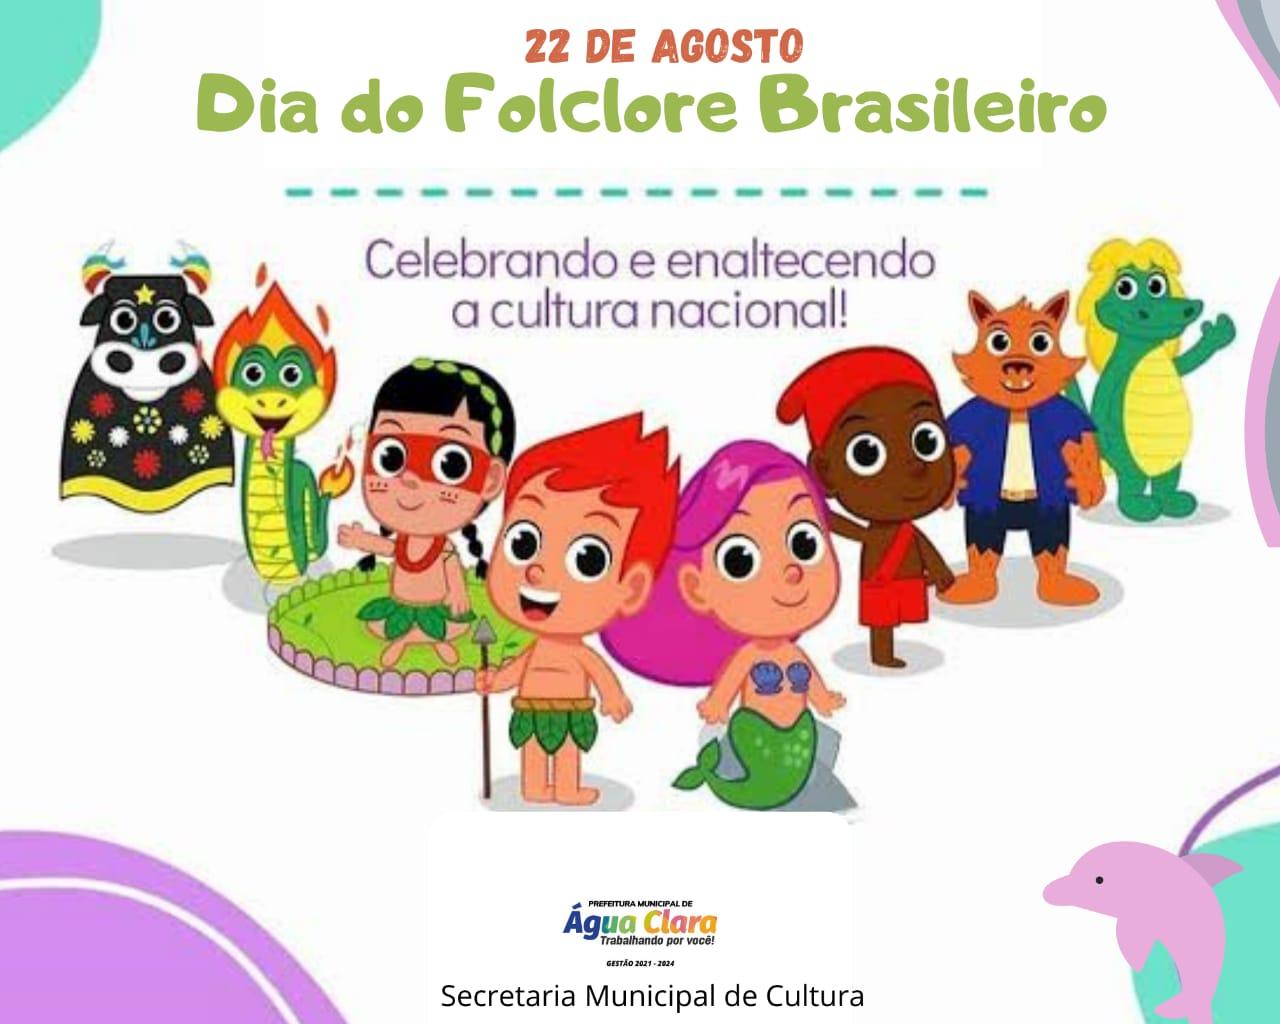 DIA 22 DE AGOSTO: DIA DO FOLCLORE BRASILEIRO